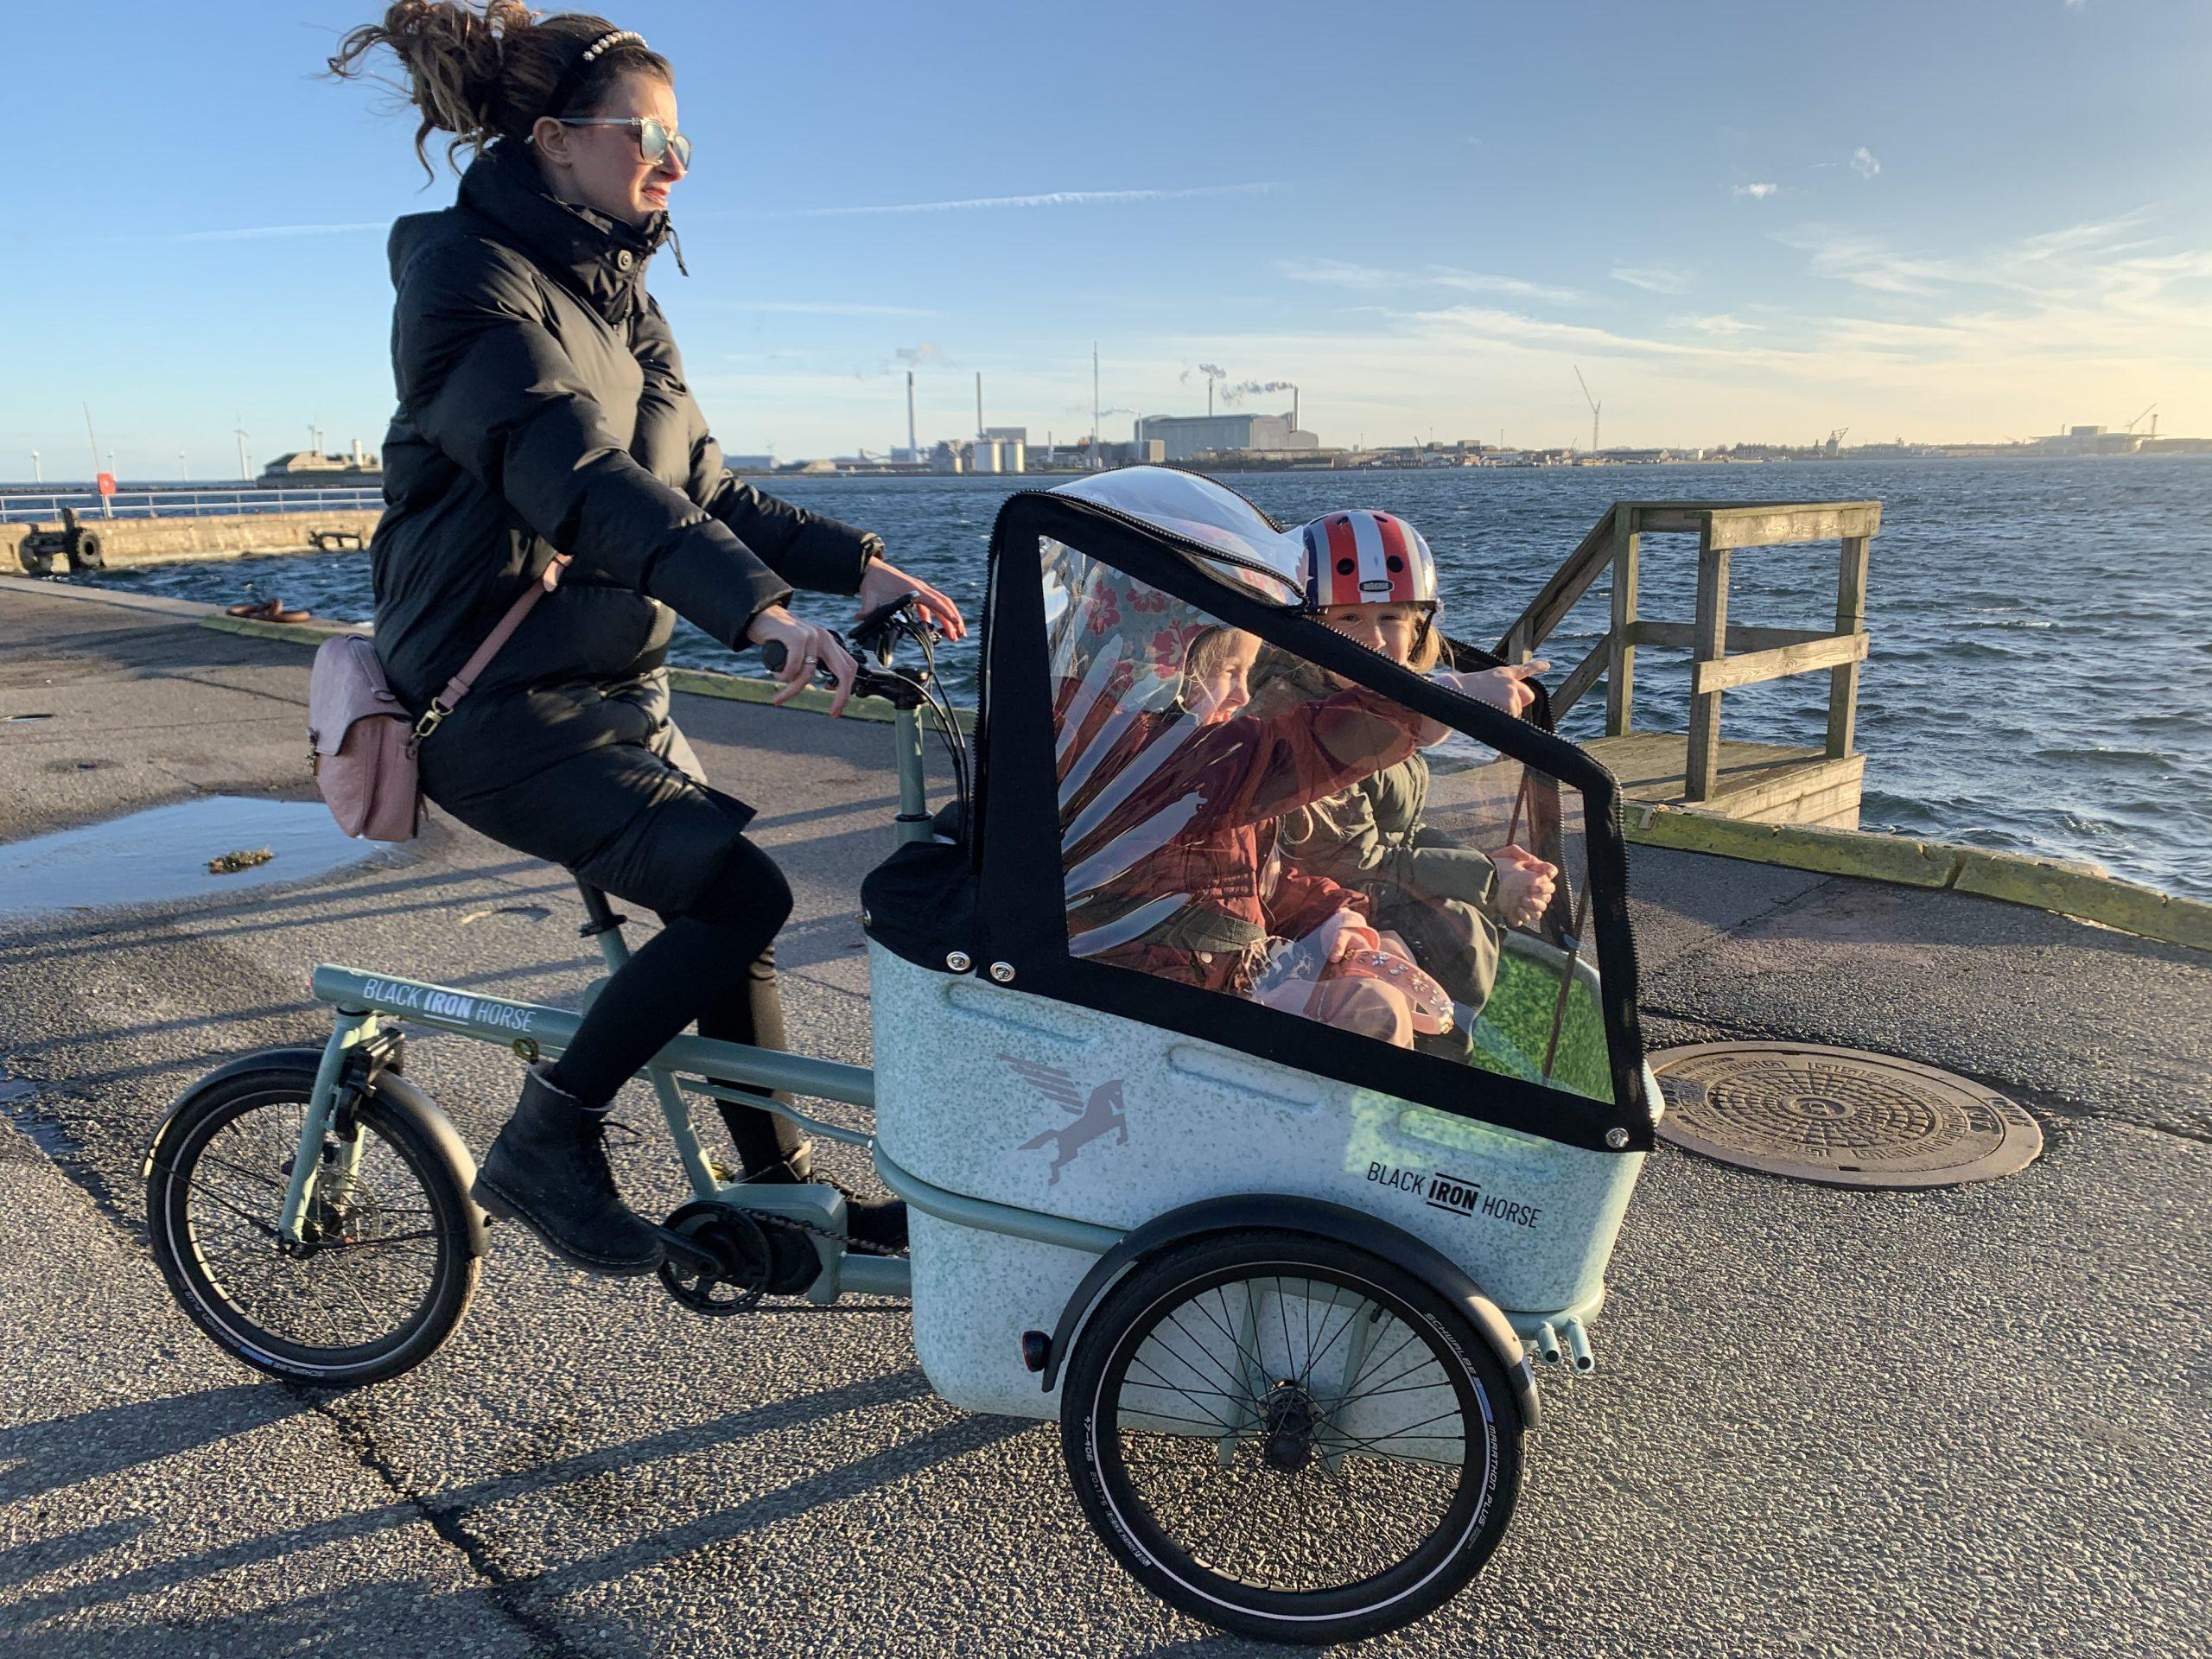 Over 500 arbejdspladser er med: Med JOOLL kan du få en lækker cykel over lønnen